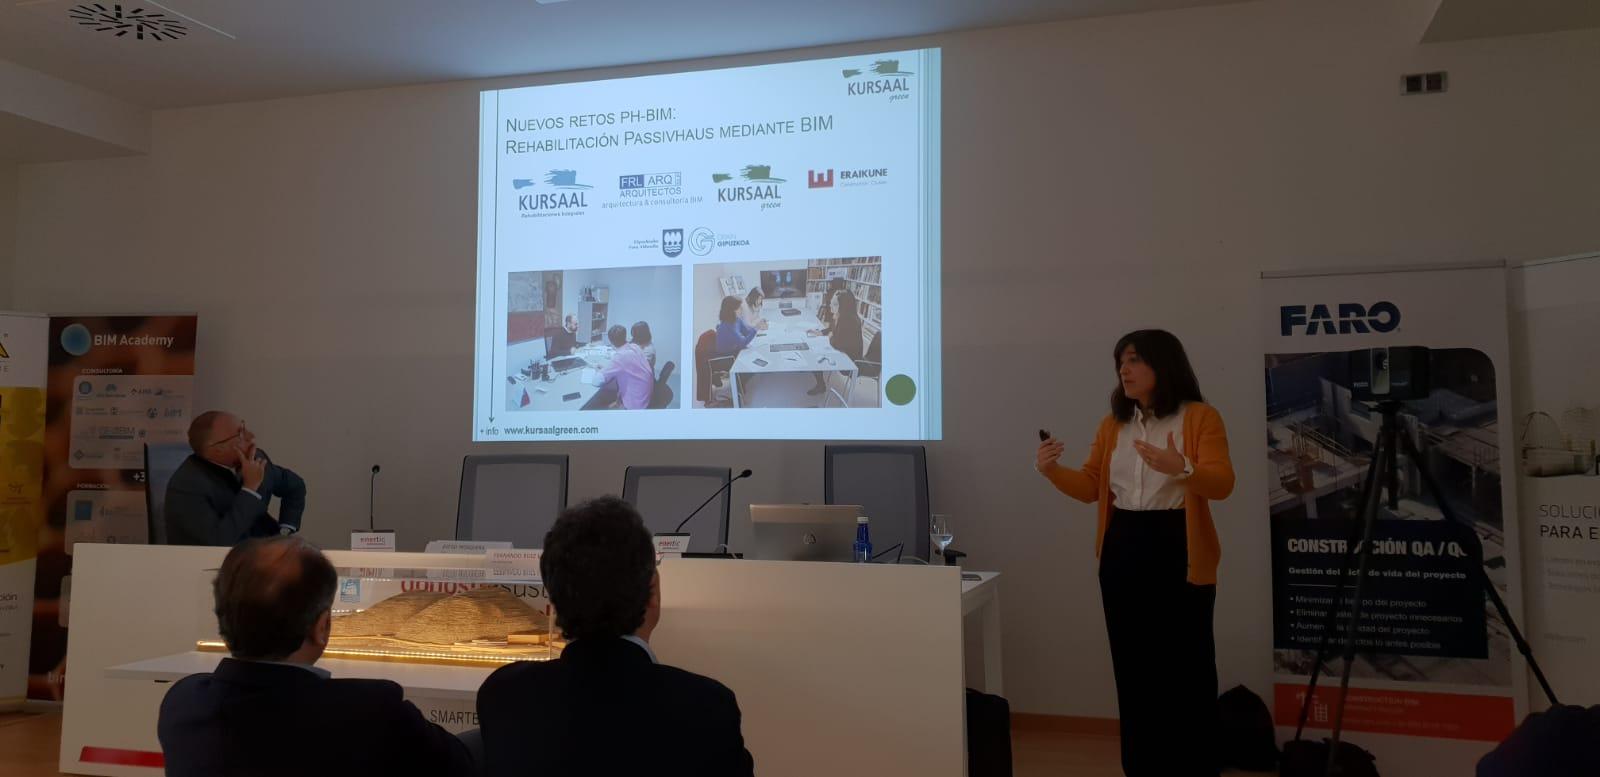 imagen 3 de noticia: participamos-impartiendo-una-ponencia-en-la-jornada-bim-para-administraciones-pblicas-y-universidad-organizada-por-bim-academy